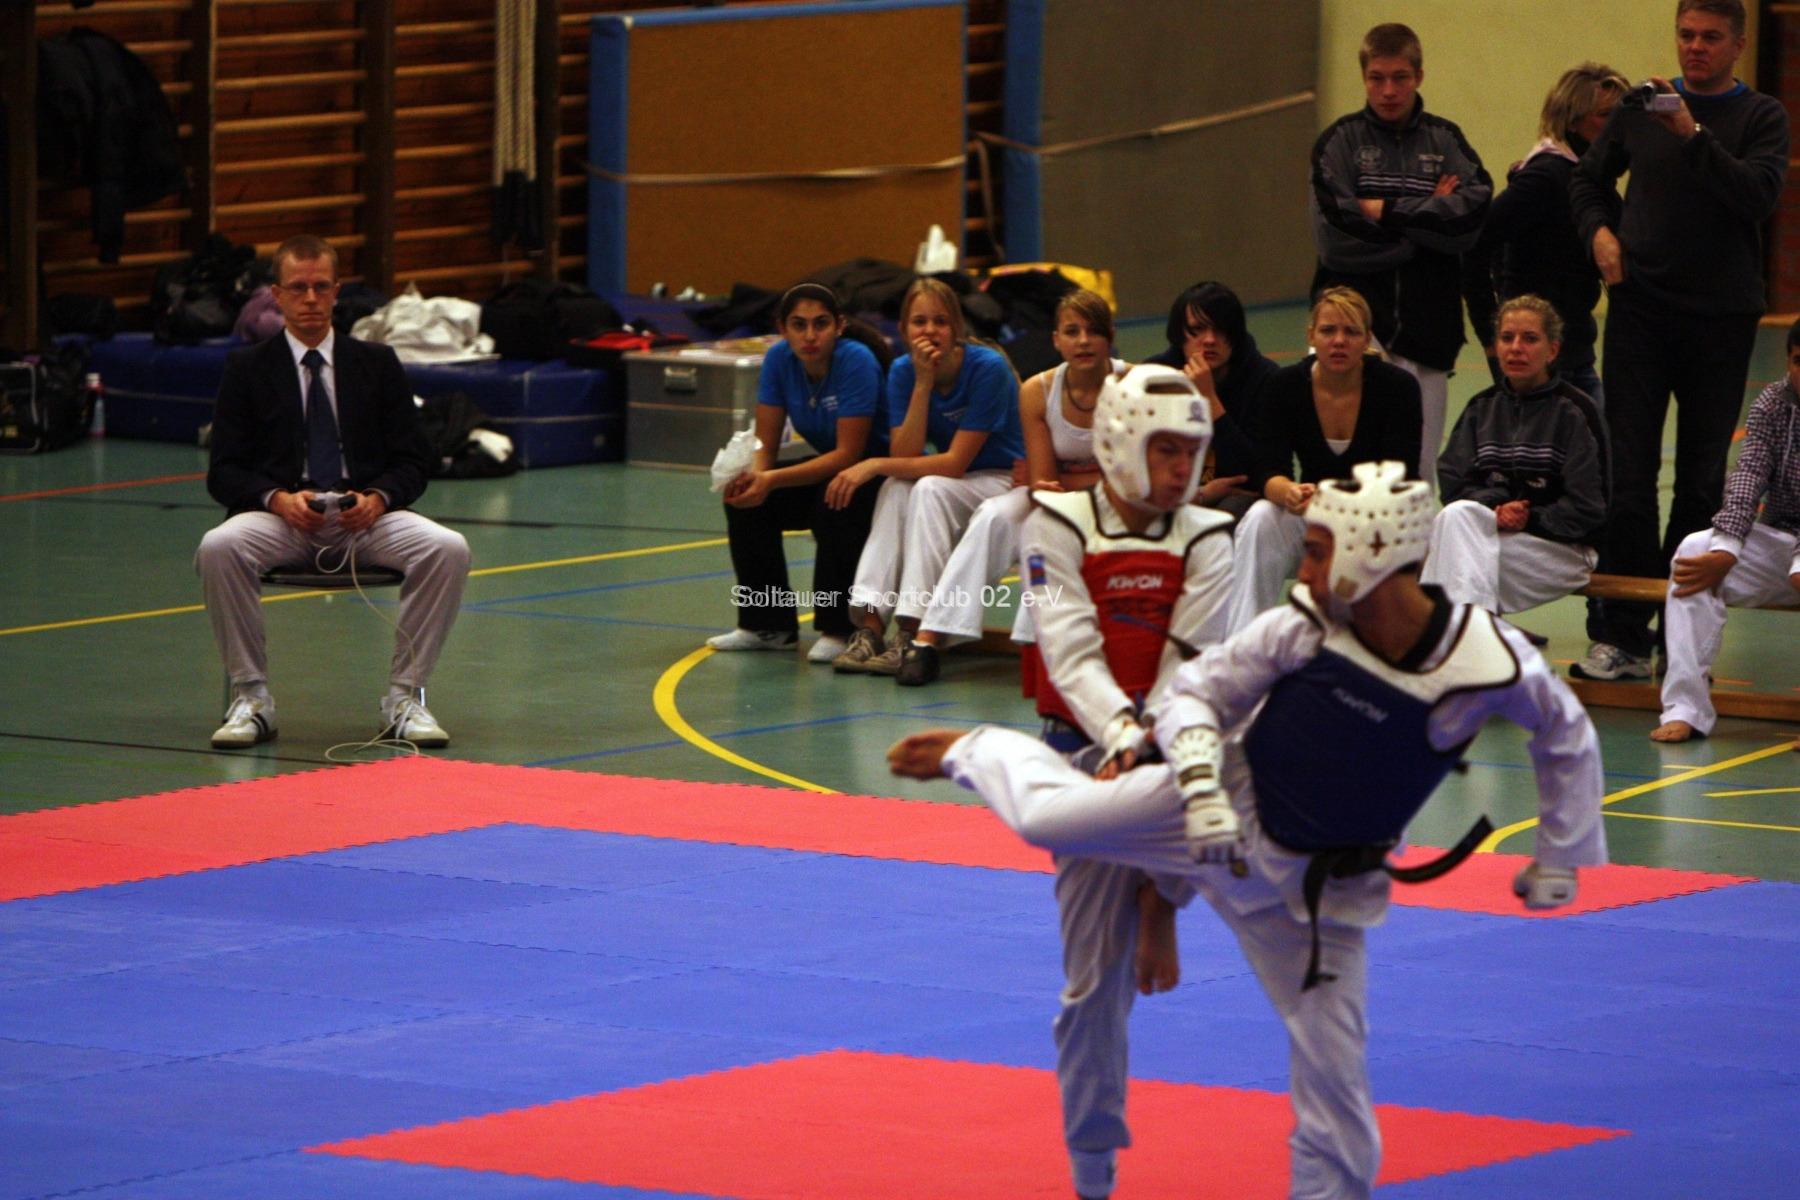 20101127-schleswig-holstein-cup-kaltenkirchen-053